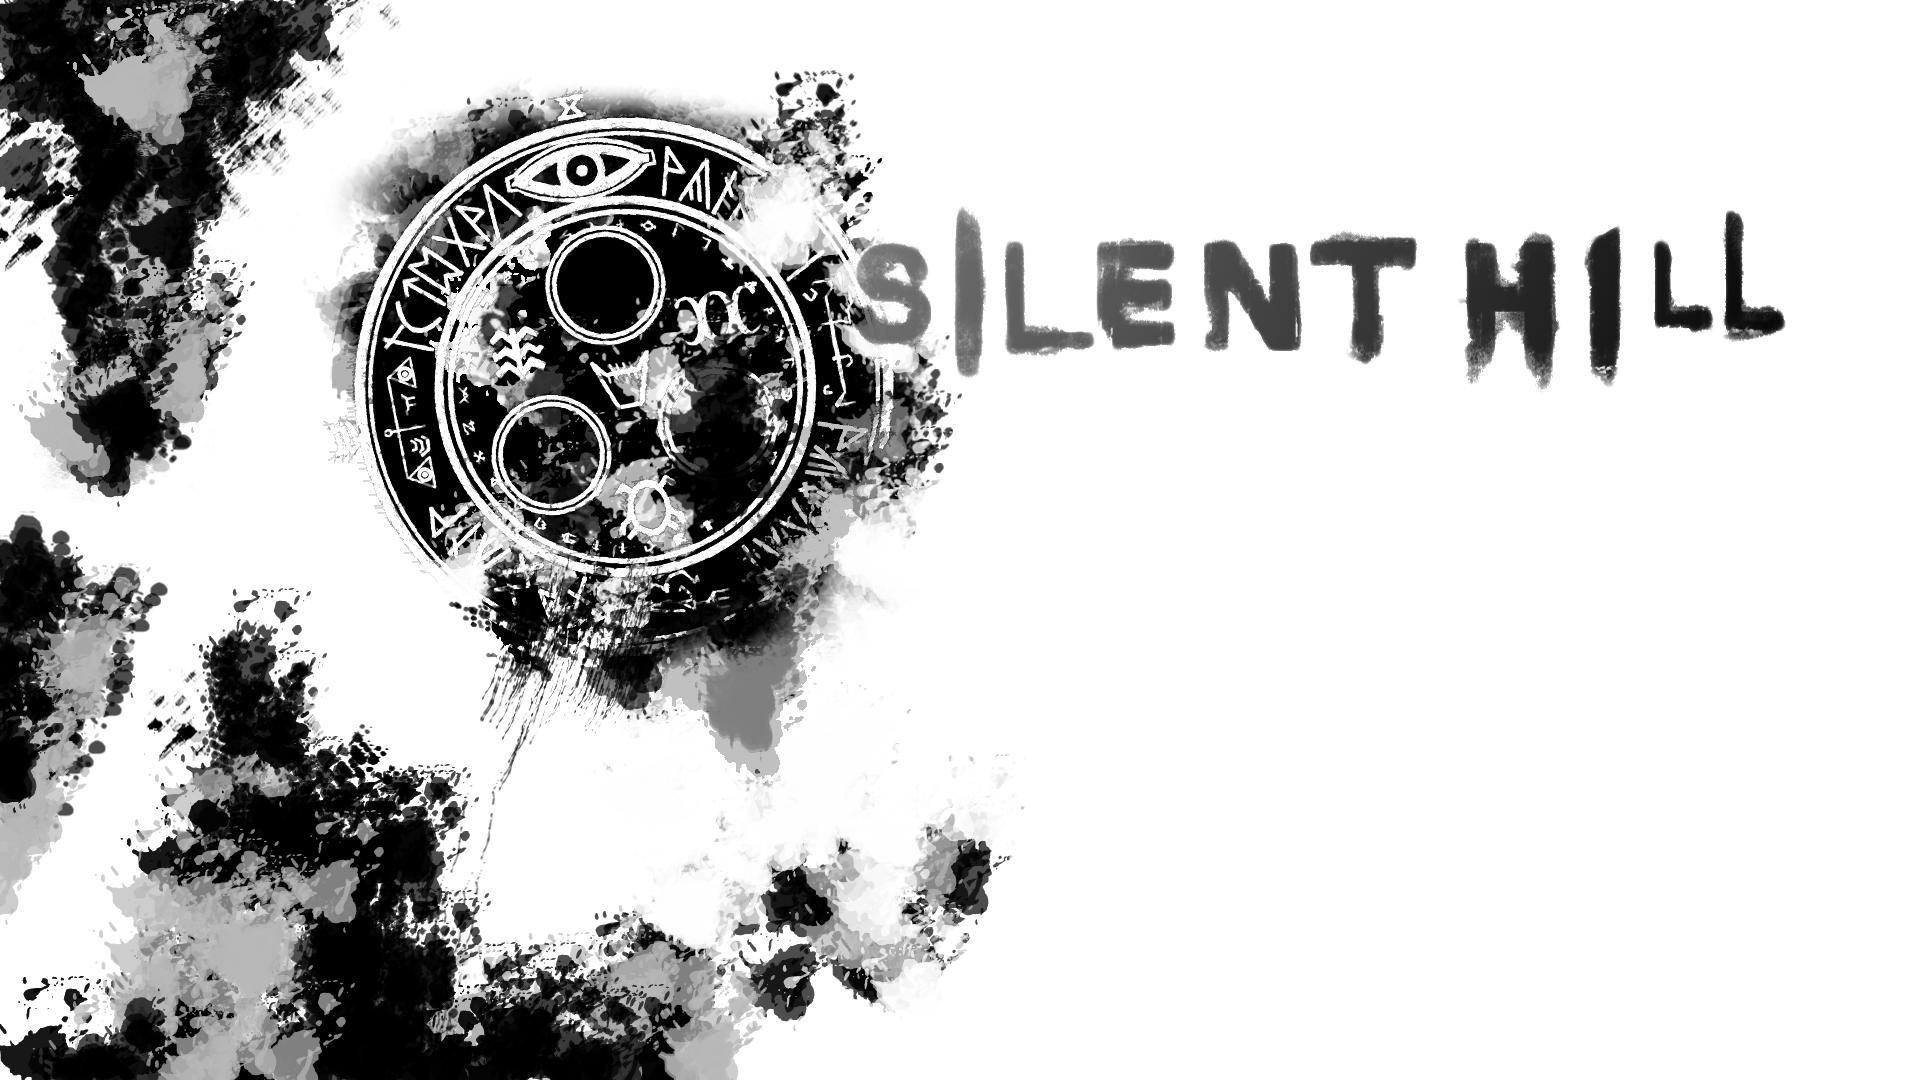 Silent Hill Wallpaper Laptop.